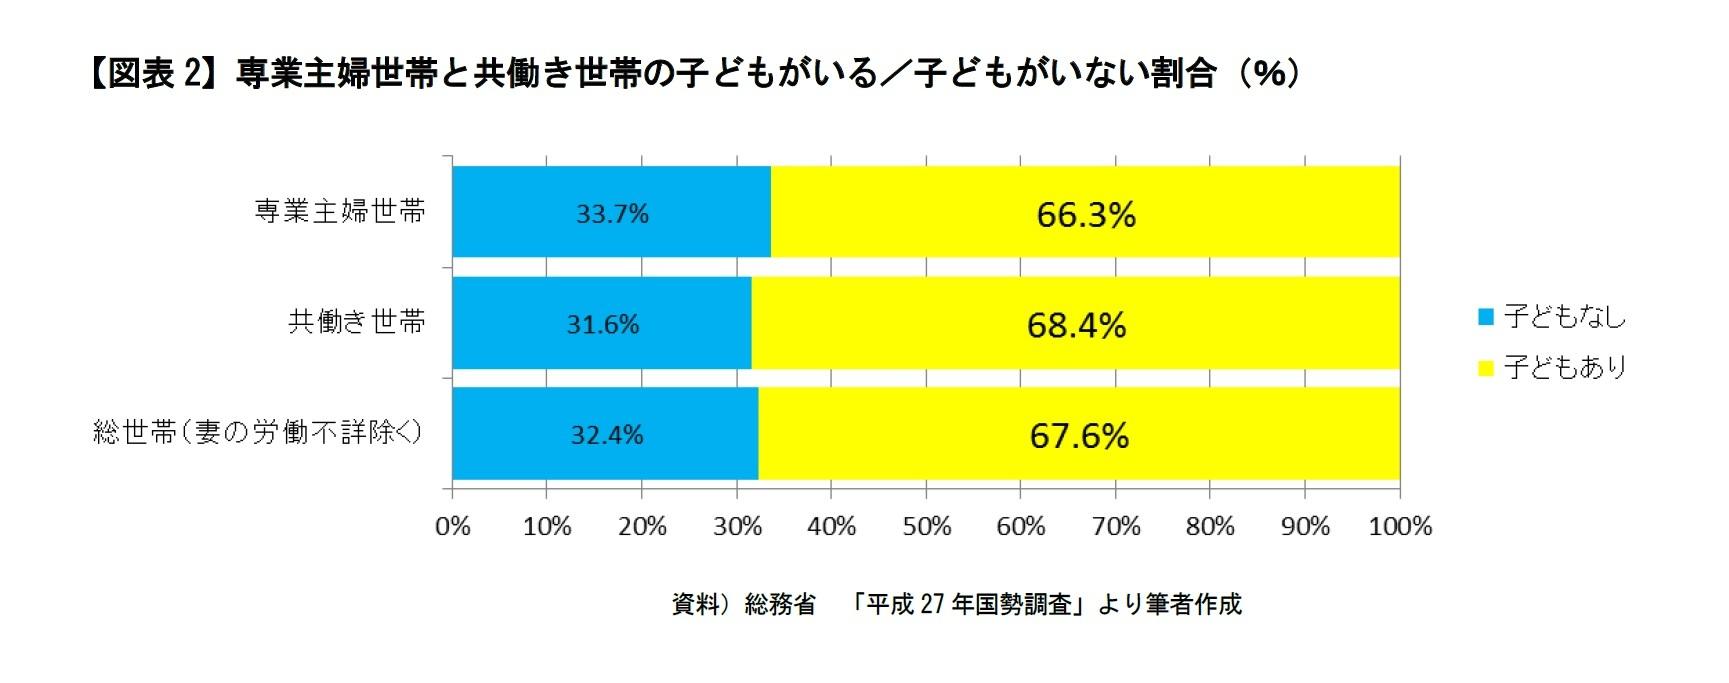 【図表2】専業主婦世帯と共働き世帯の子どもがいる/子どもがいない割合(%)